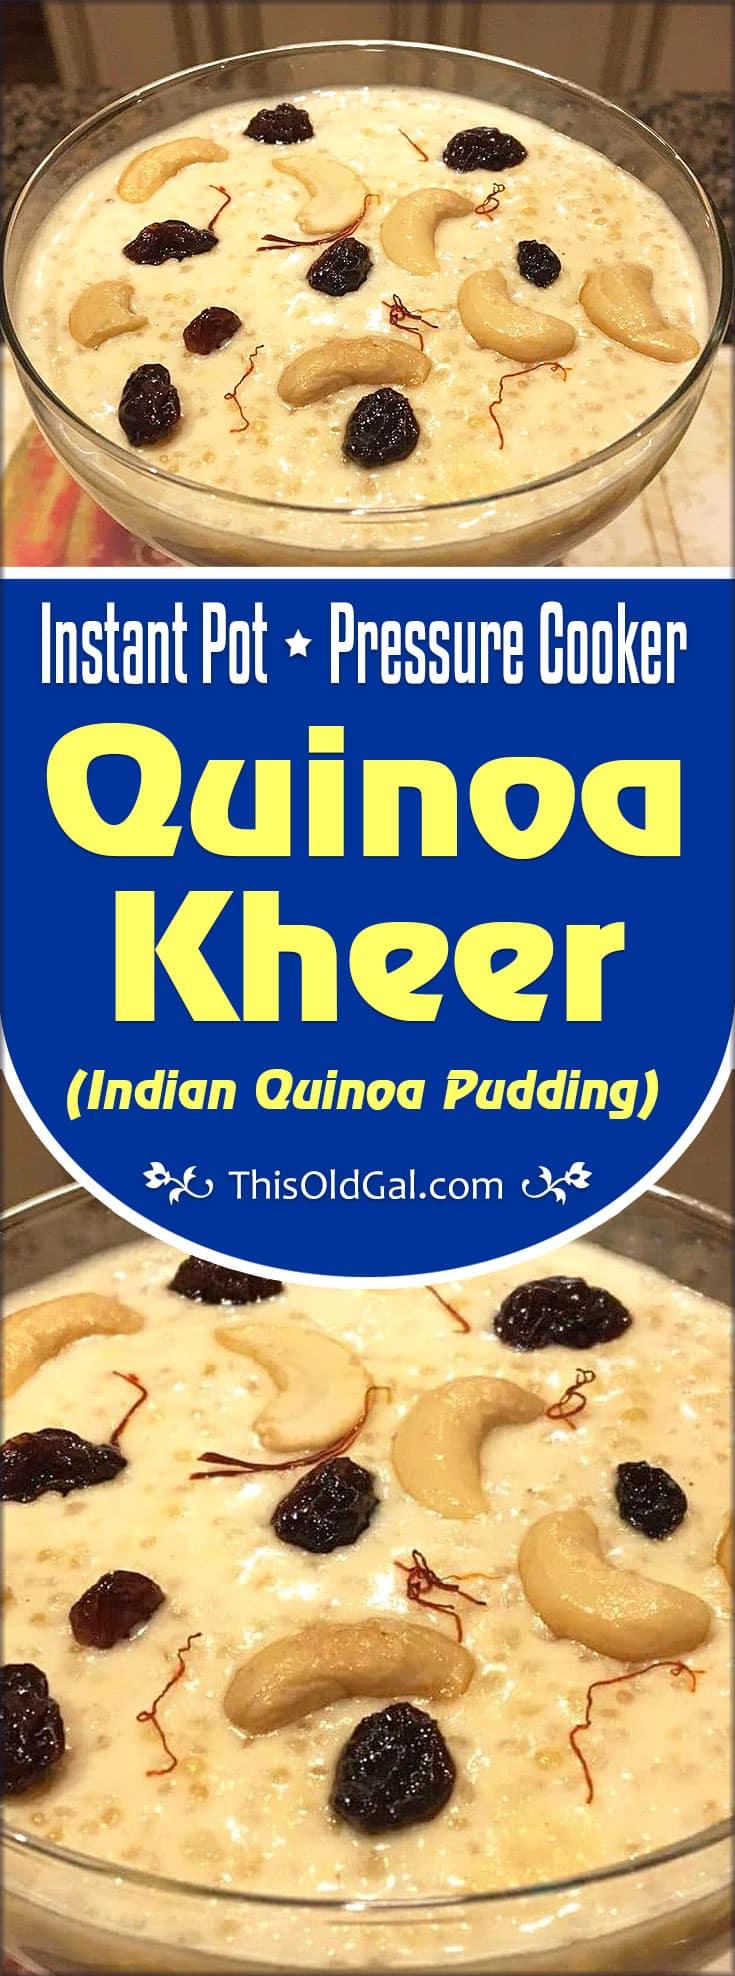 Pressure Cooker Quinoa Kheer (Indian Quinoa Pudding)